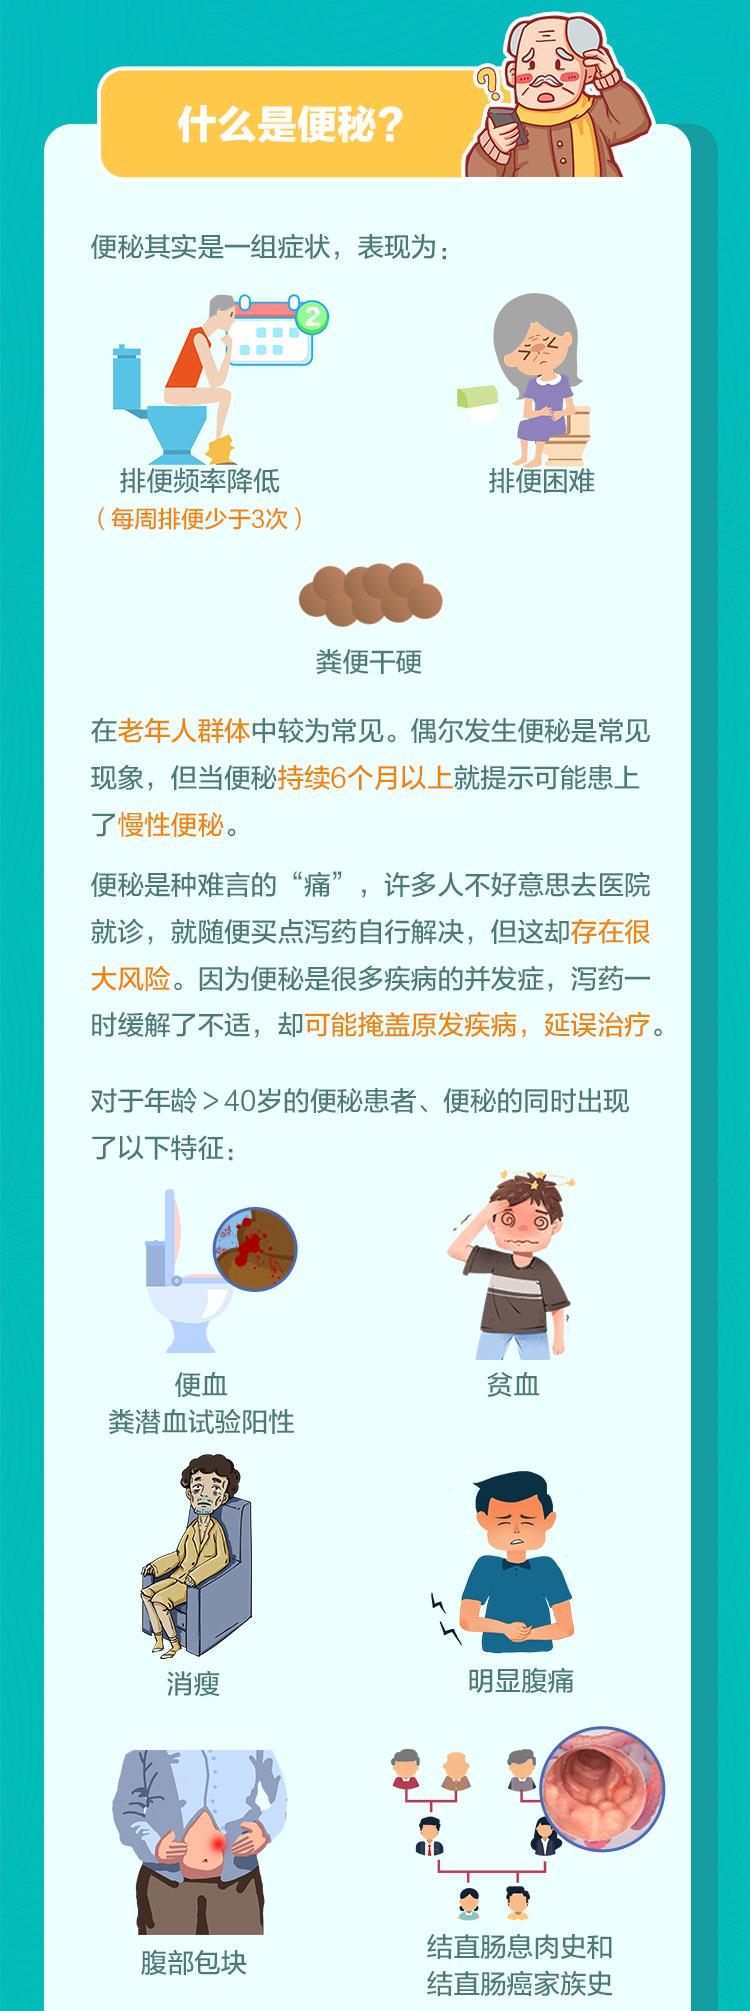 世界肠道健康日 关注便秘用药_02.jpg